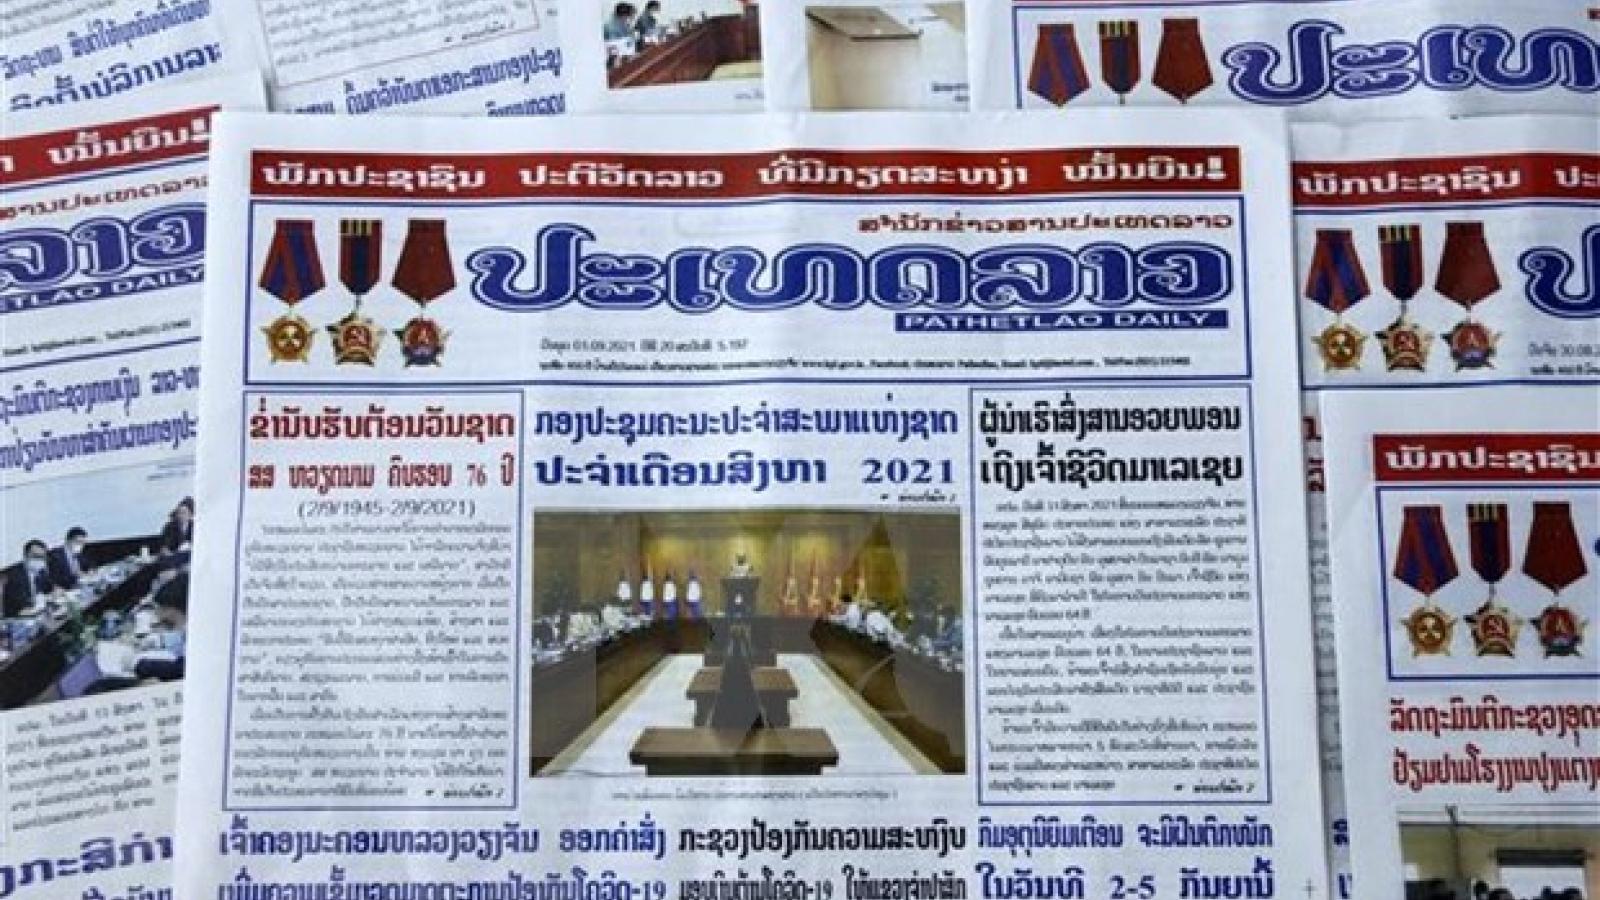 Lao newspaper hails Vietnam's achievements, Laos-Vietnam ties